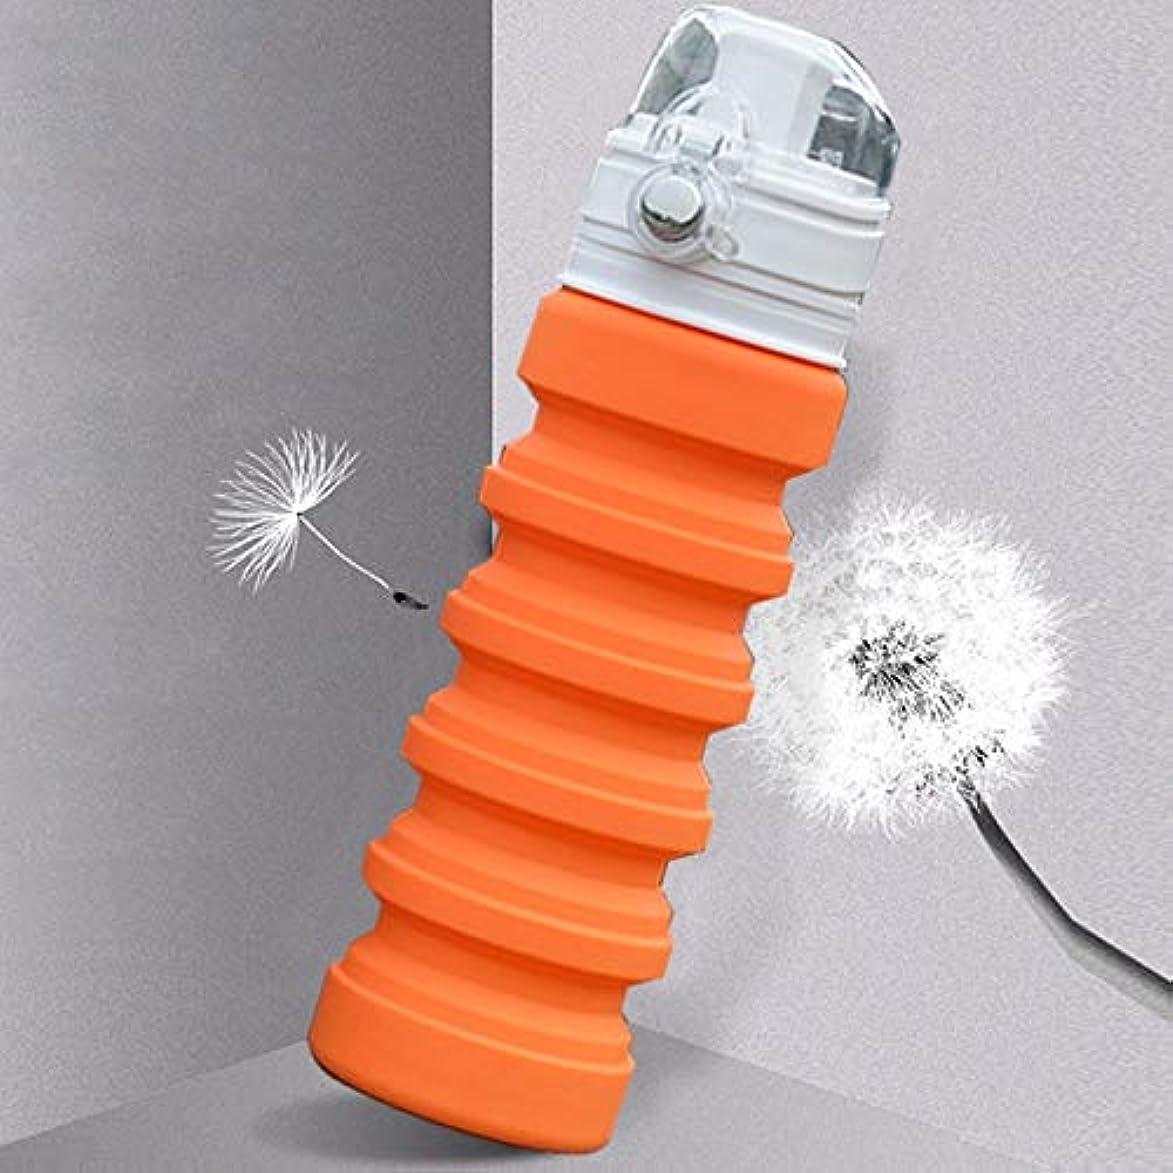 パズルパースブラックボロウあからさまアウトドア 旅行 シリコーン 折りたたみ式 ケトル 伸縮カップ スポーツ ボトル 500mL, (色 : オレンジ)